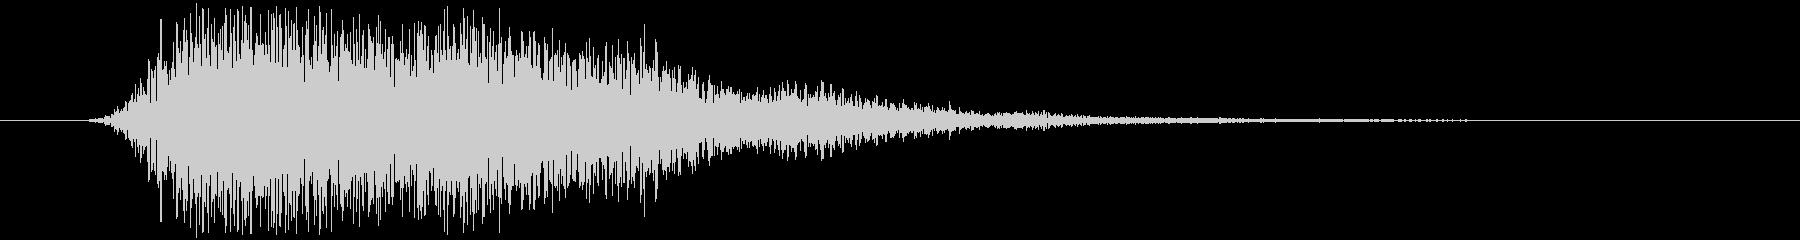 回復魔法の音の未再生の波形